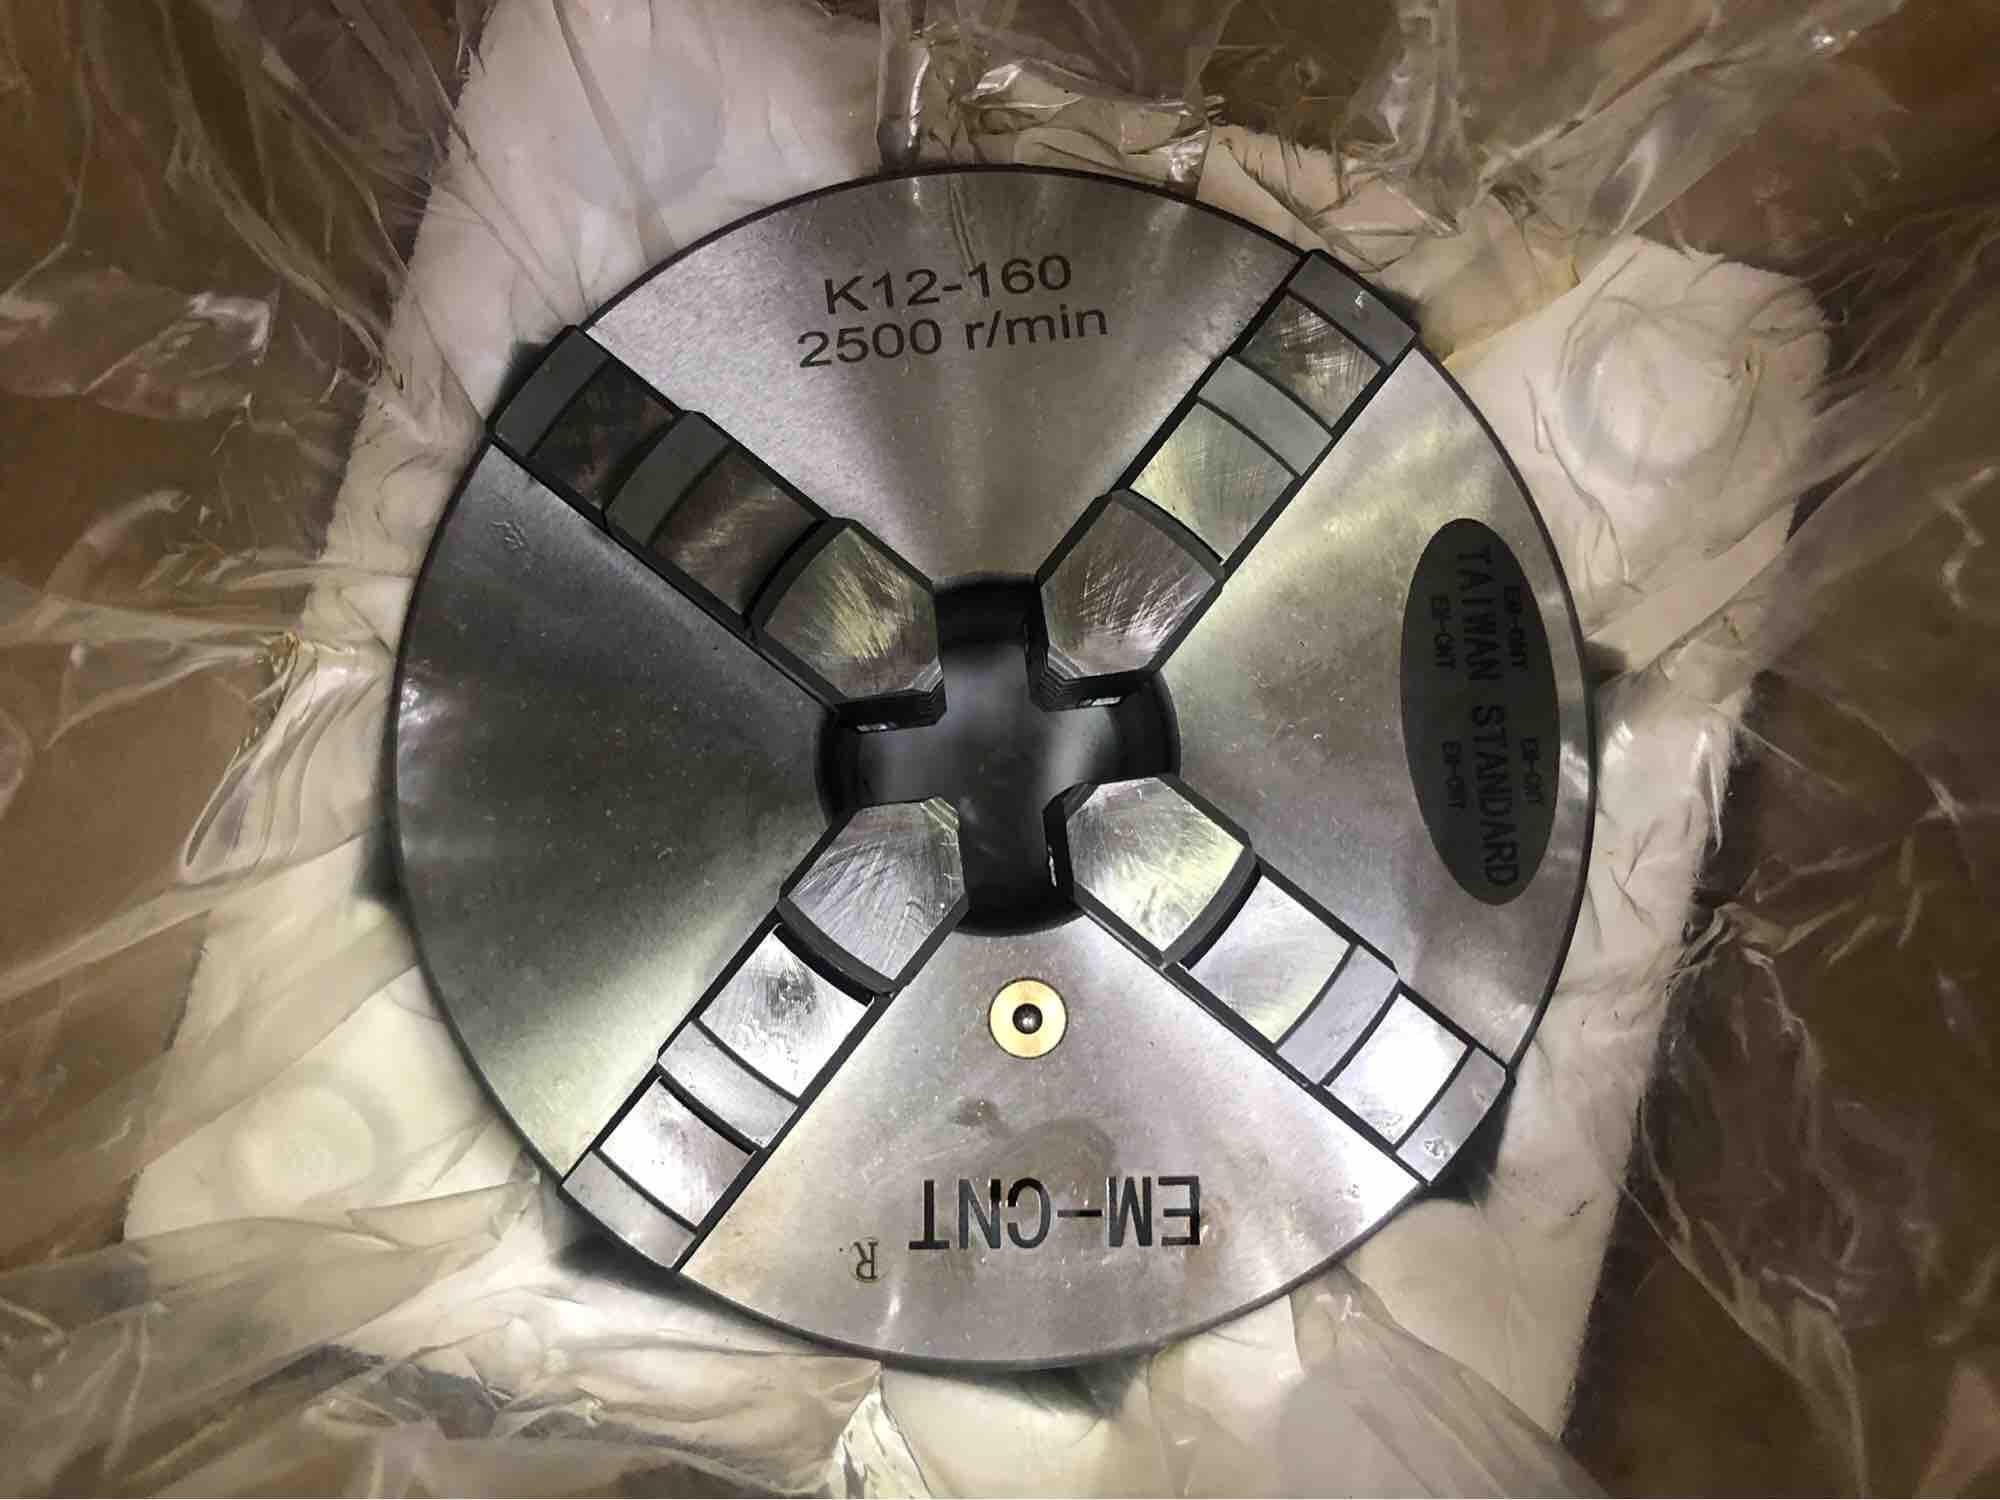 Mâm cập máy tiện 4 chấu  cao cấp EM-CNT loại 1 ( k12-160 )